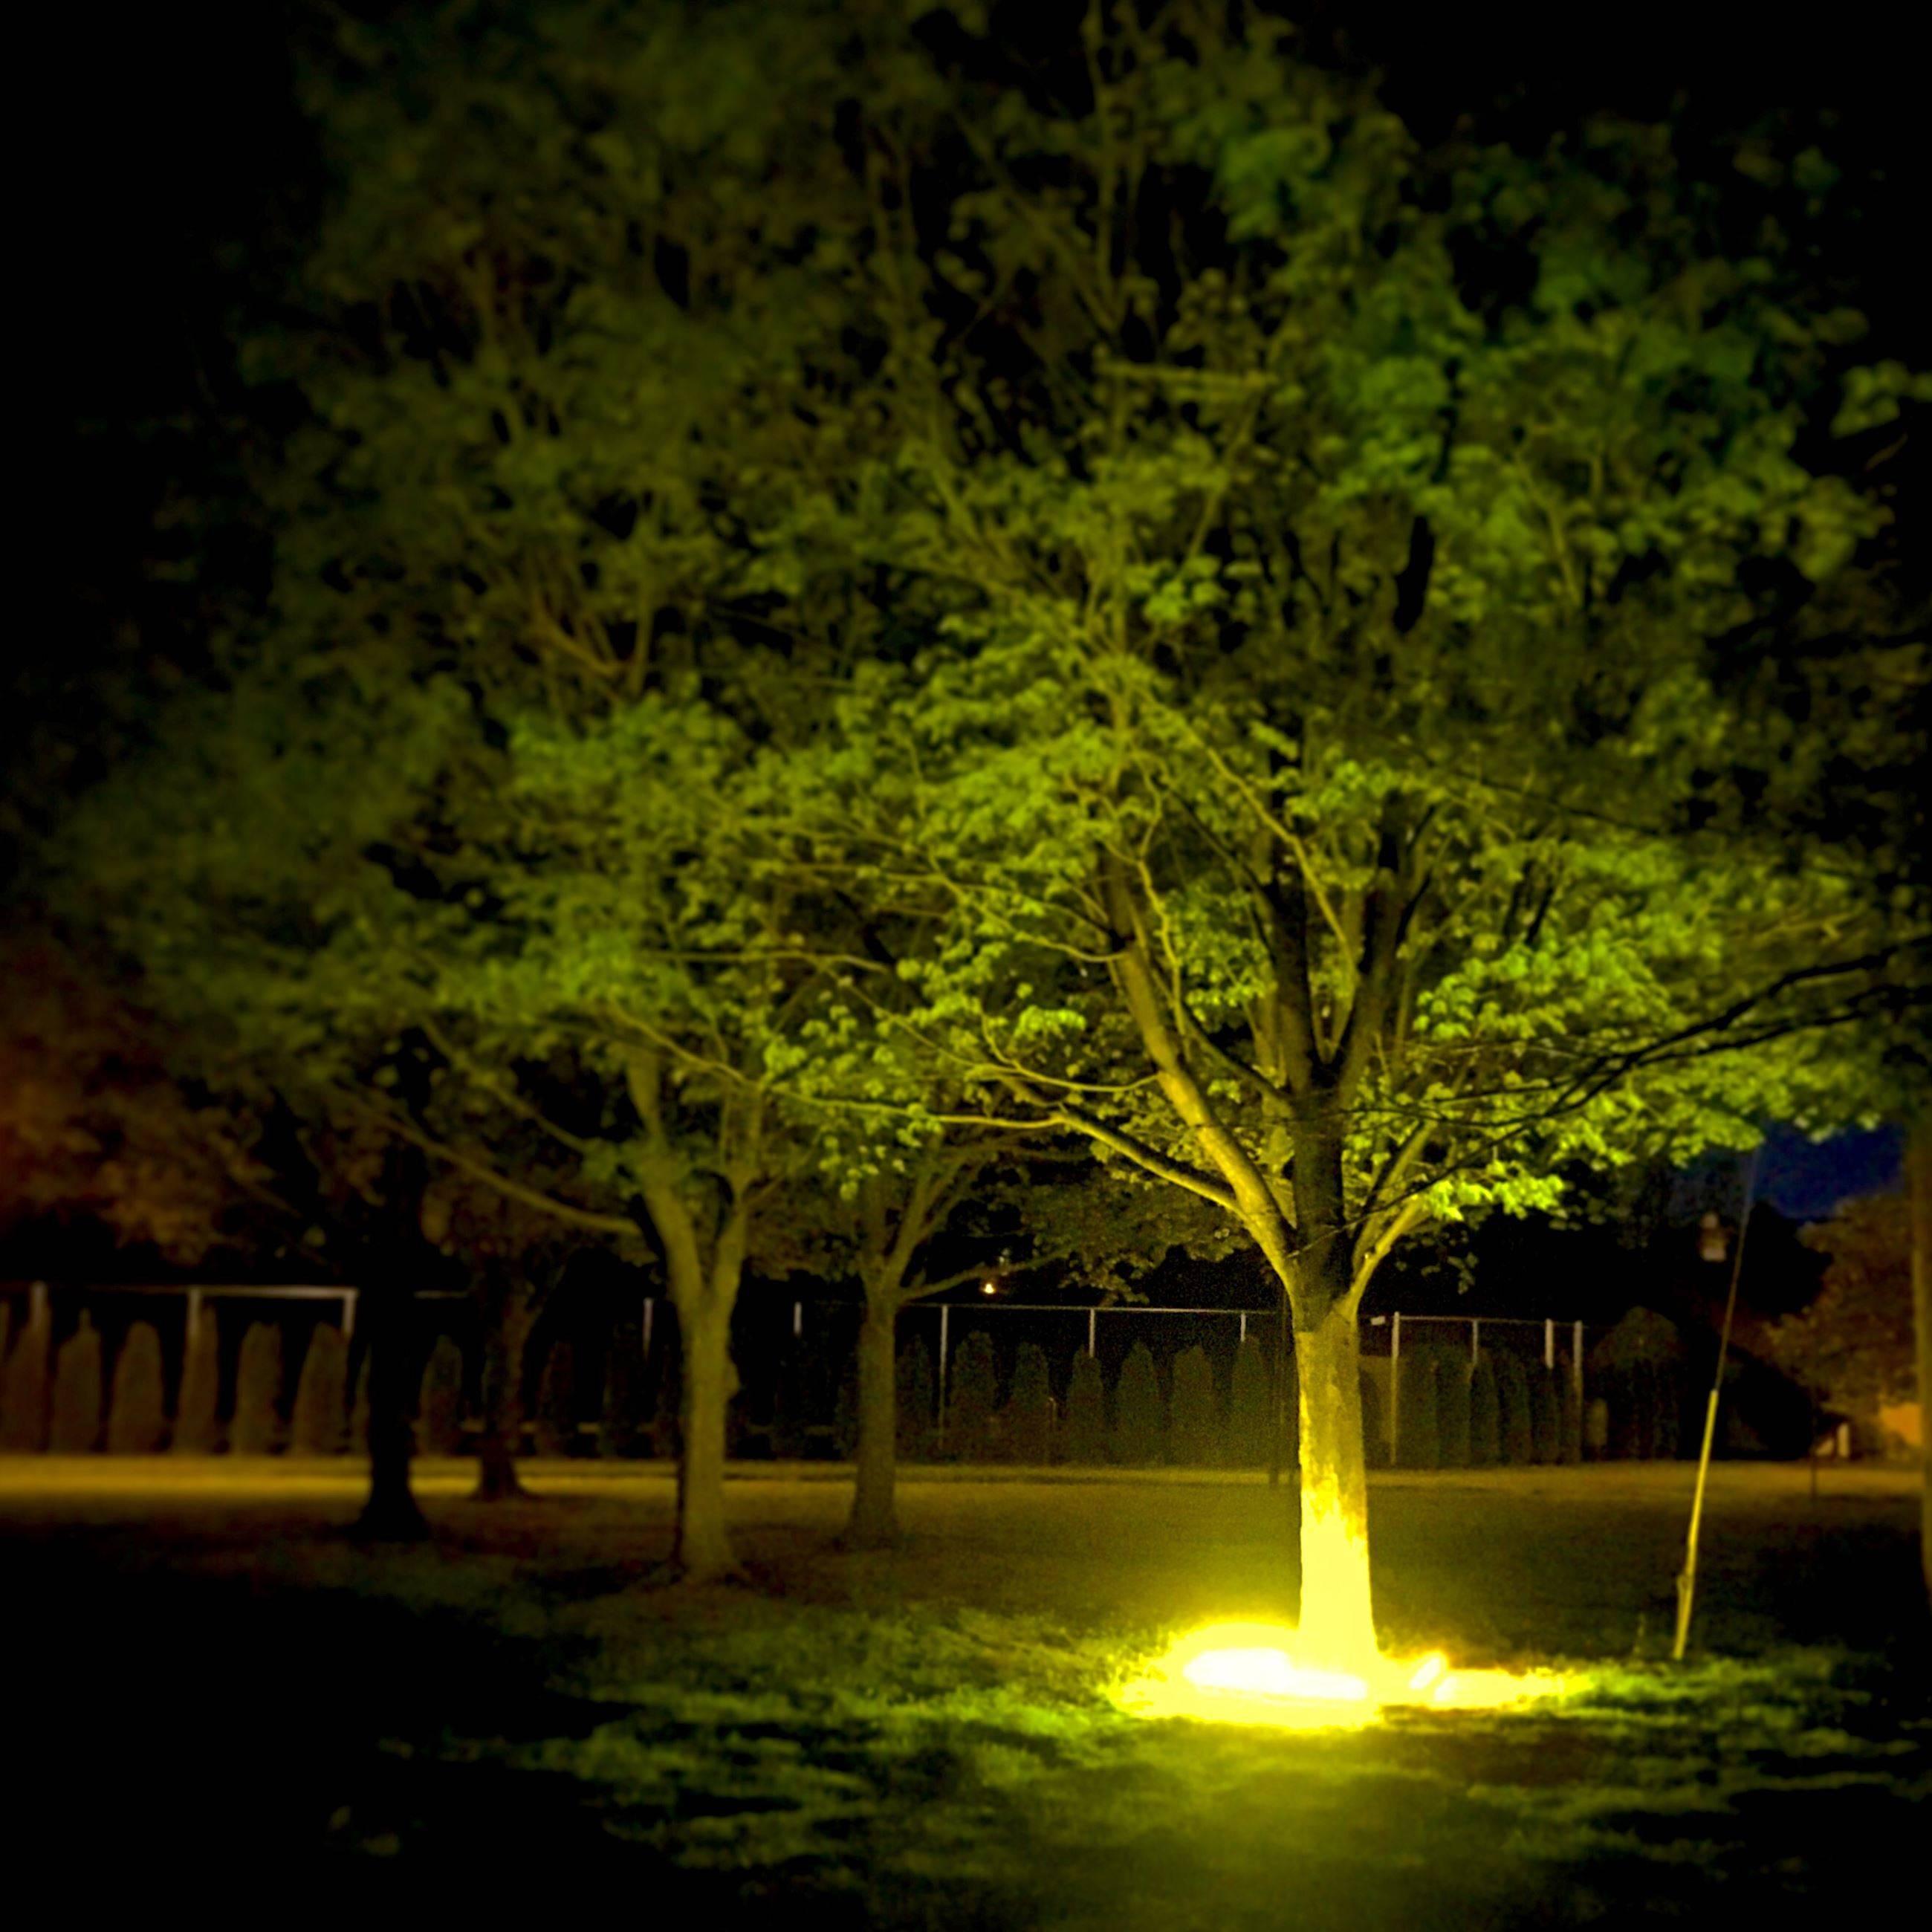 312b119eaa598b675550_lighting_installation.jpeg